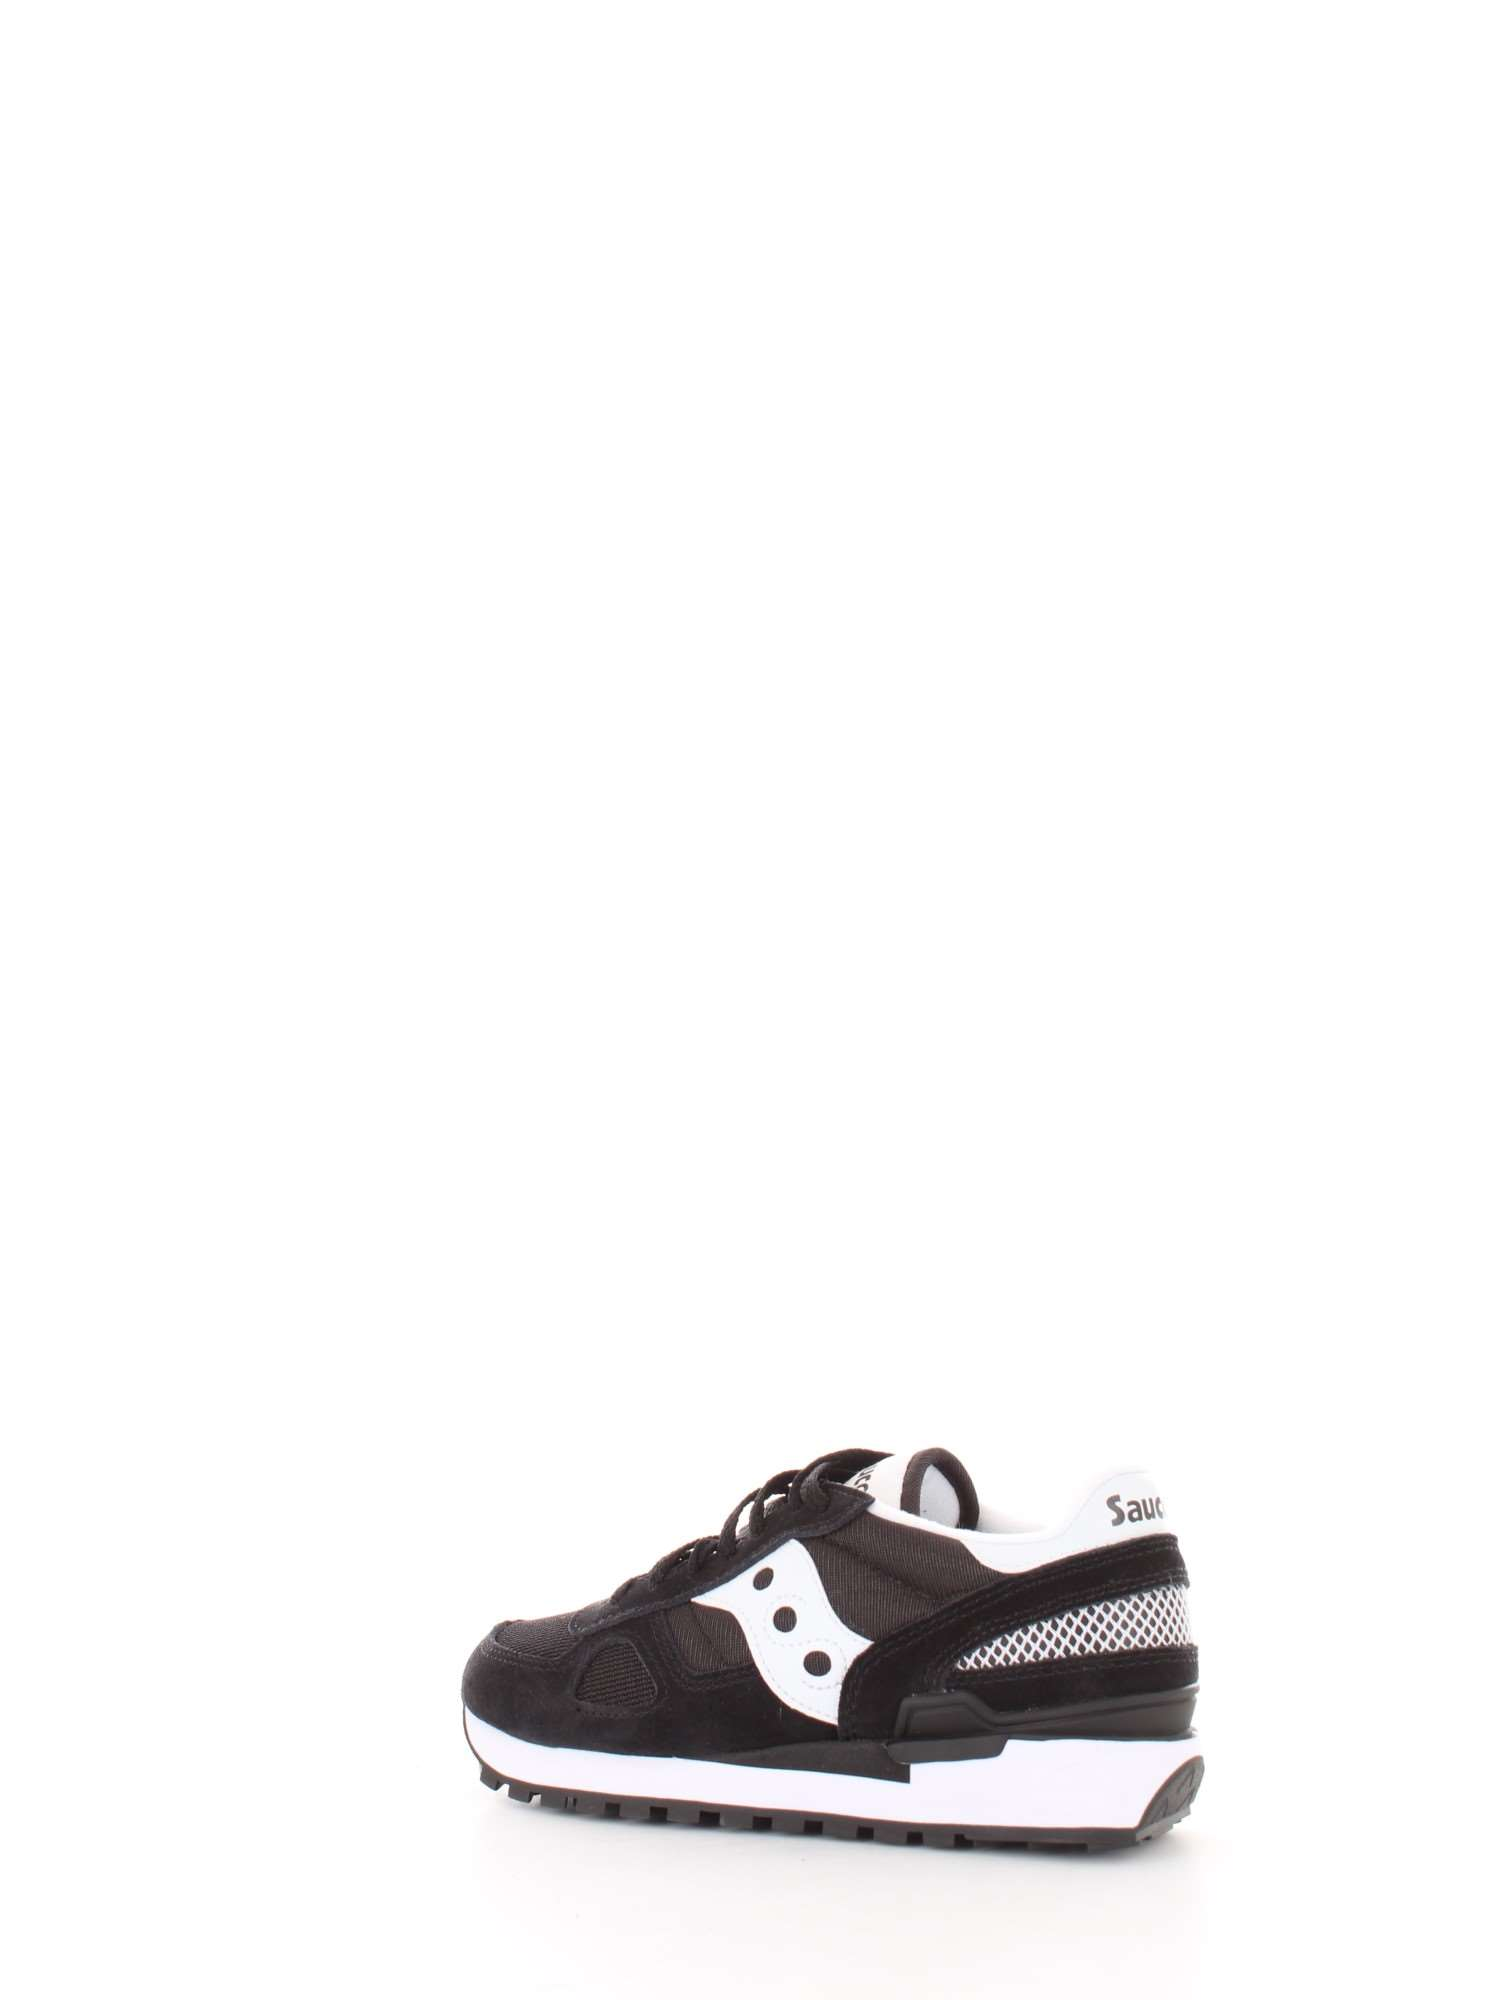 2108 pour Black W Shadow Femme Printemps Baskets 518 Saucony Été pdq4Zp